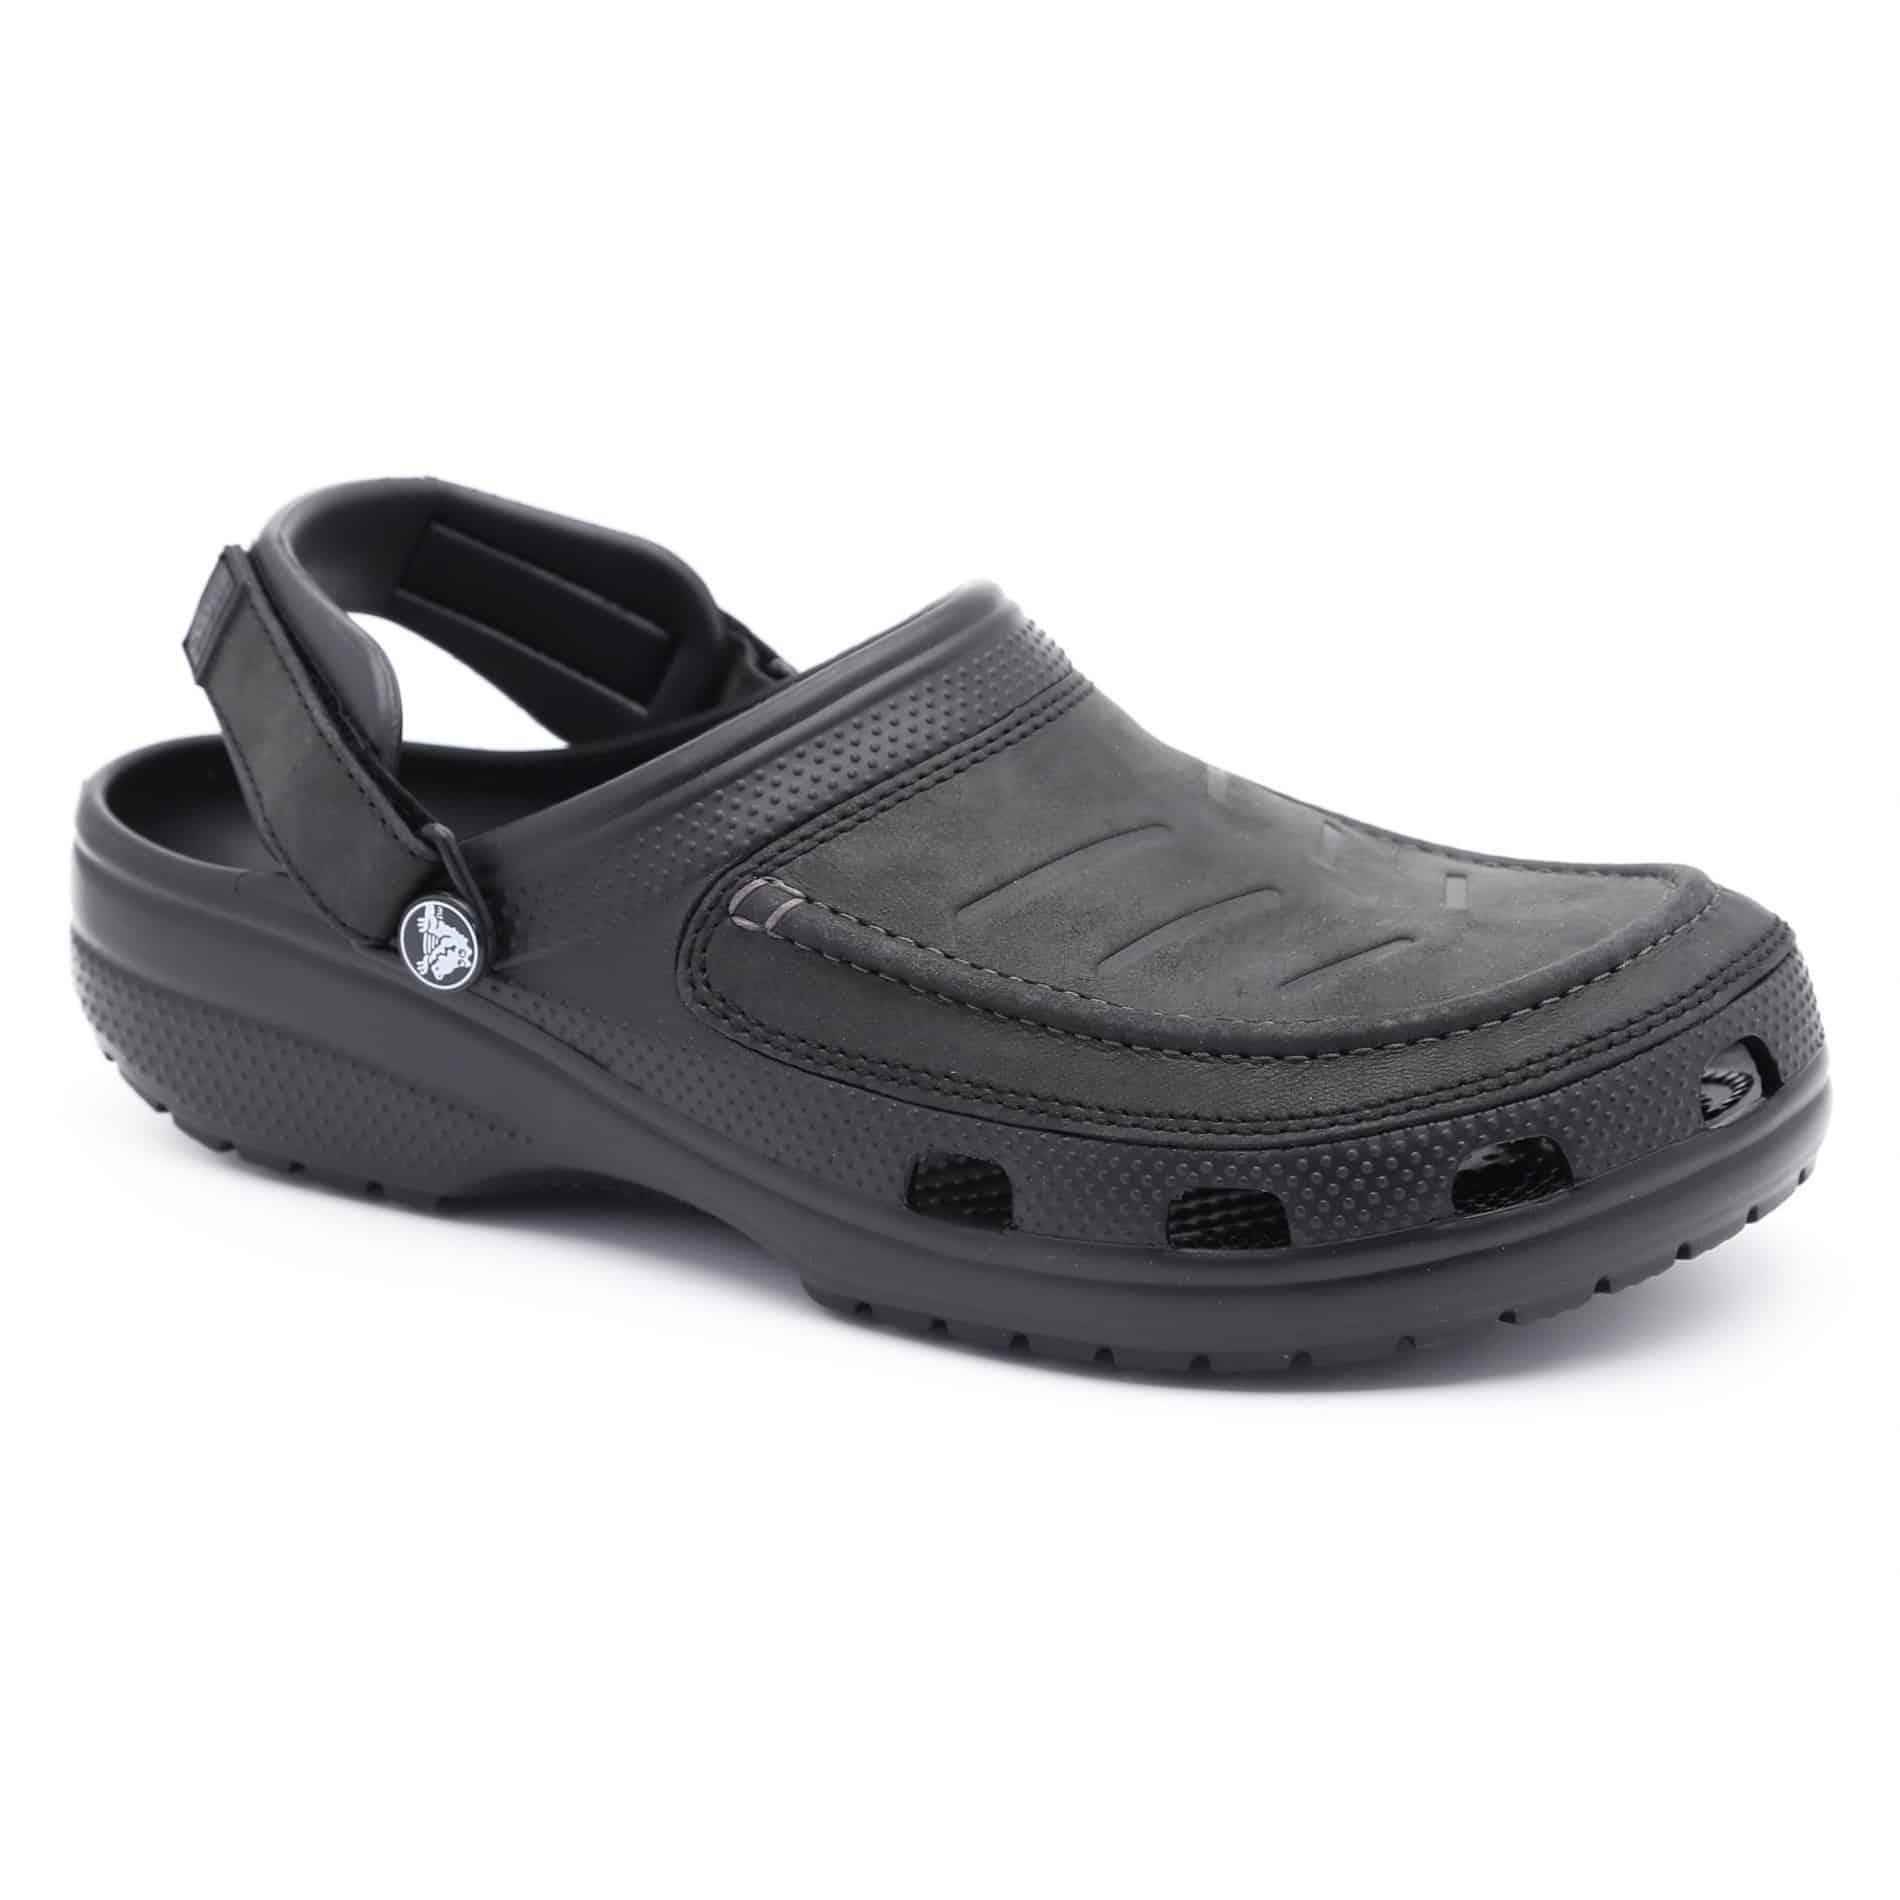 Crocs Yukon Vista Clog